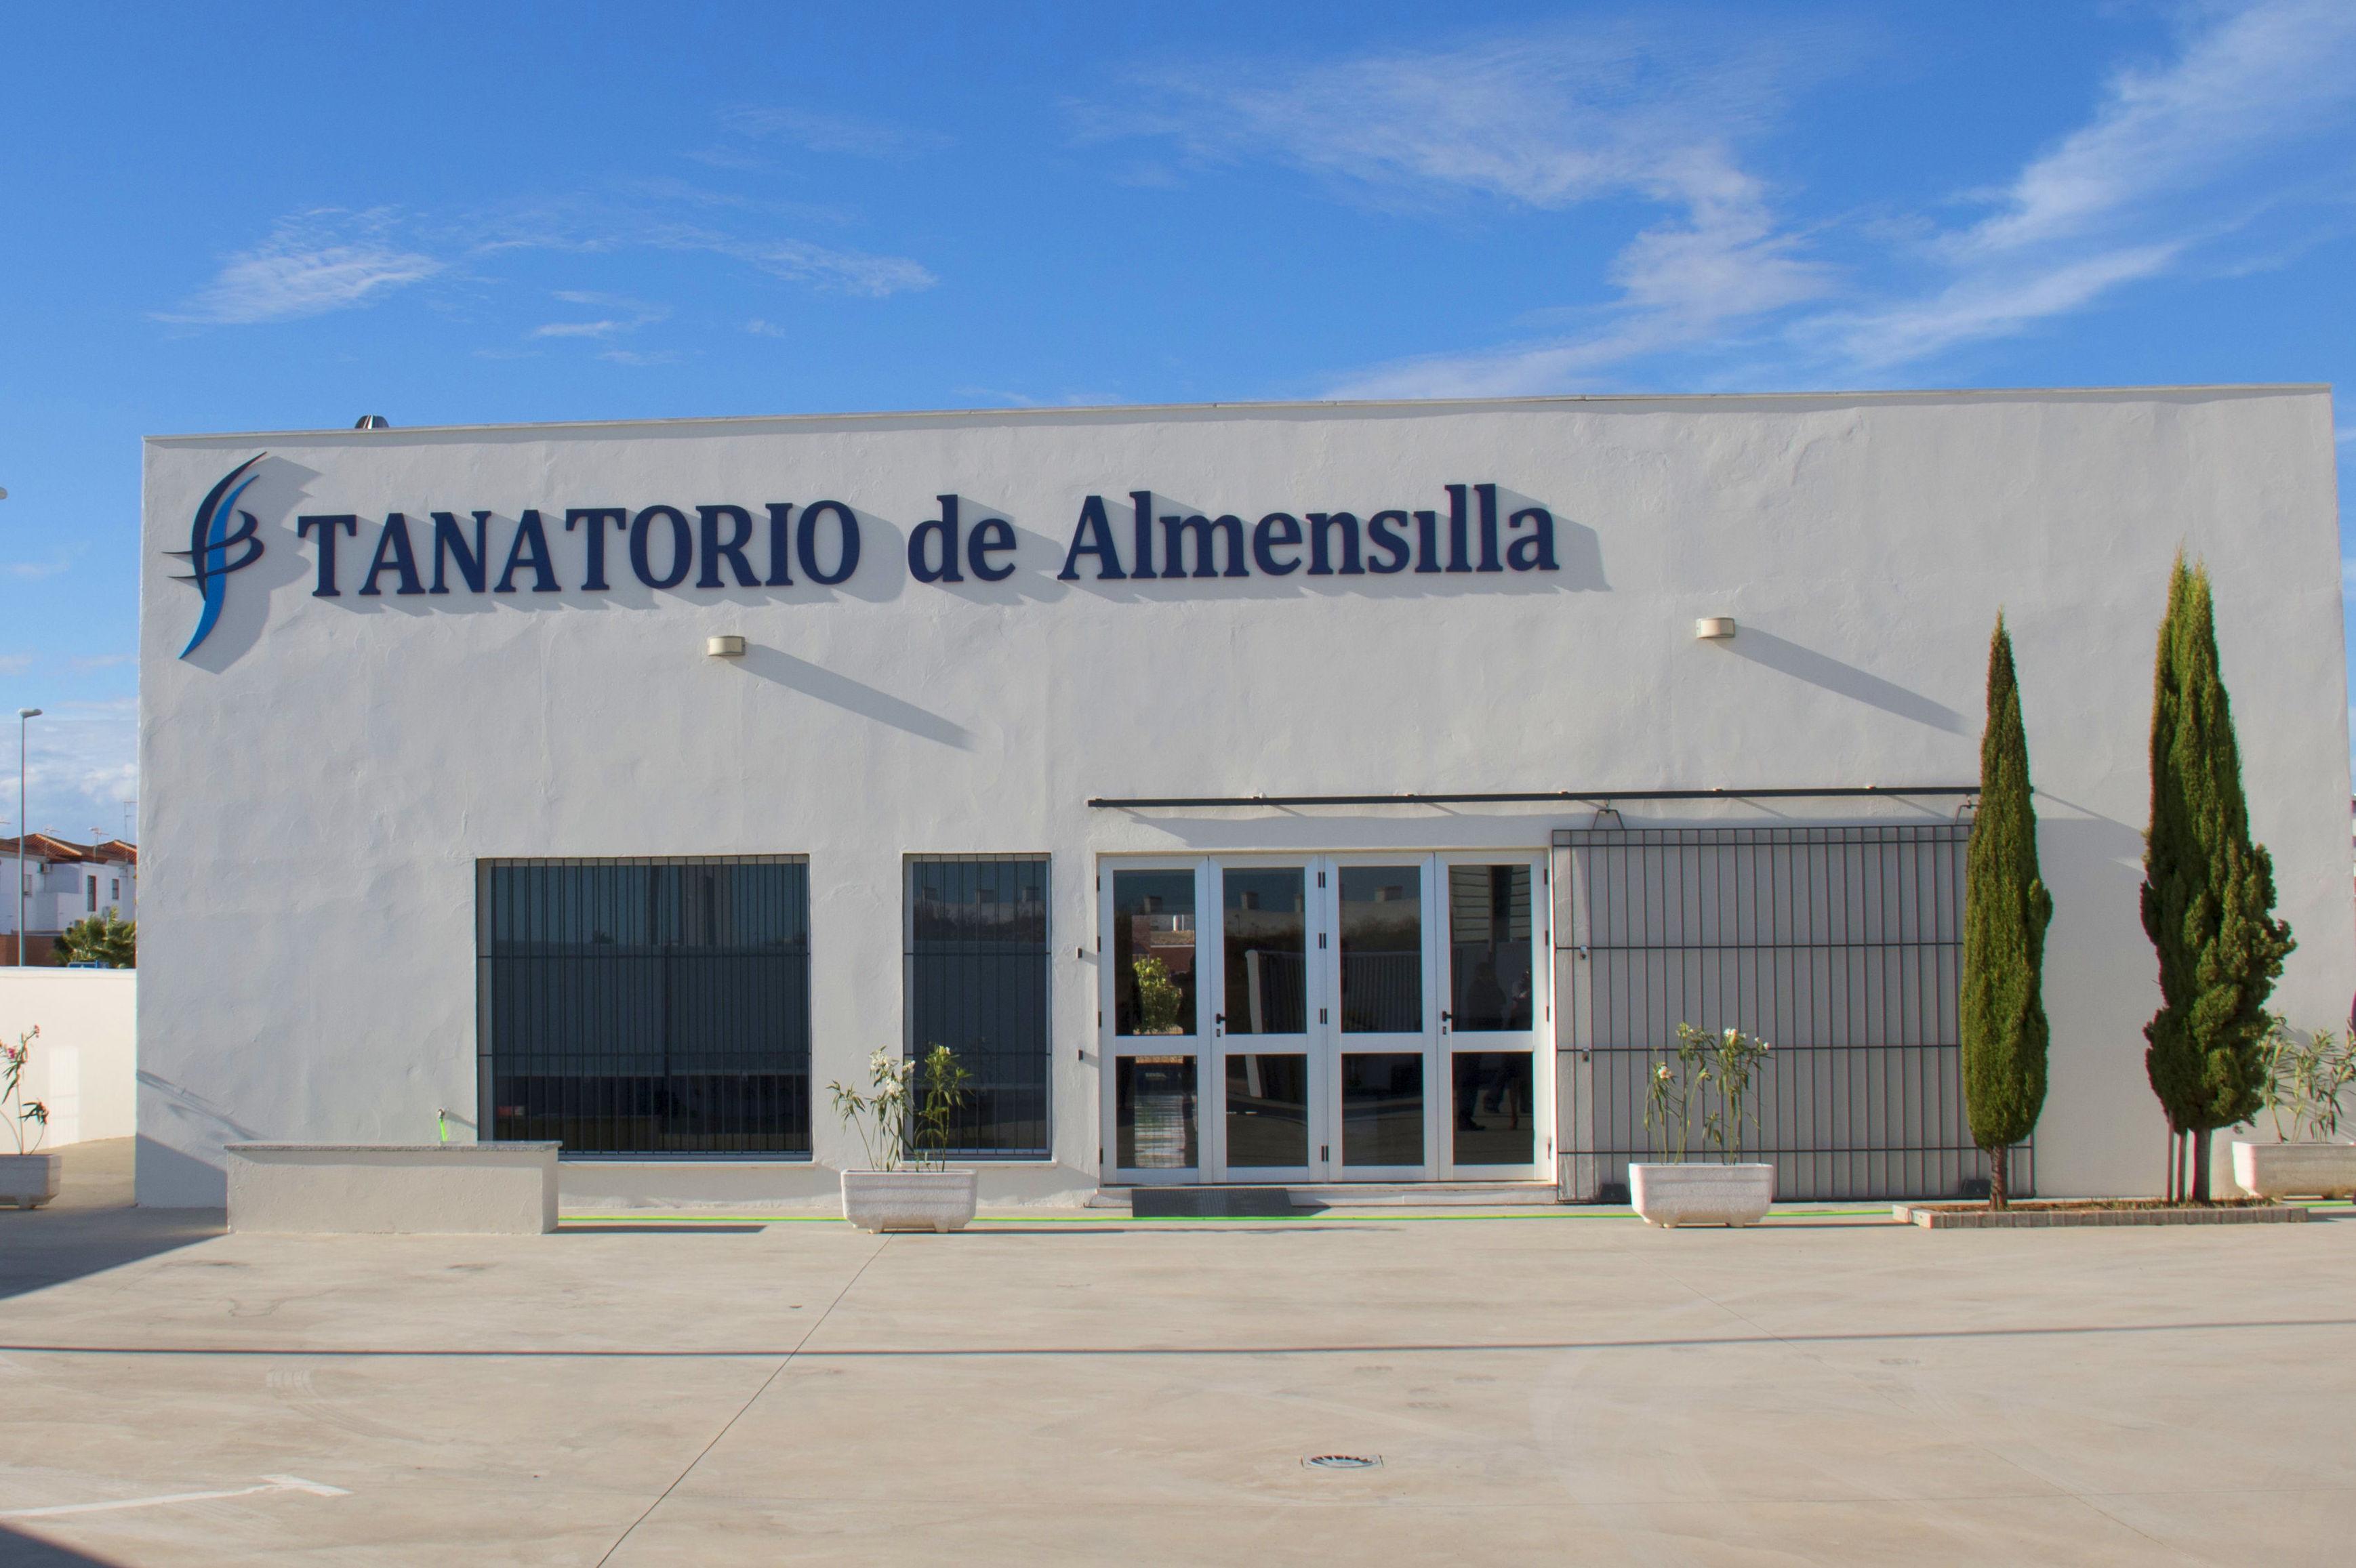 Fachada Tanatorio de Almensilla